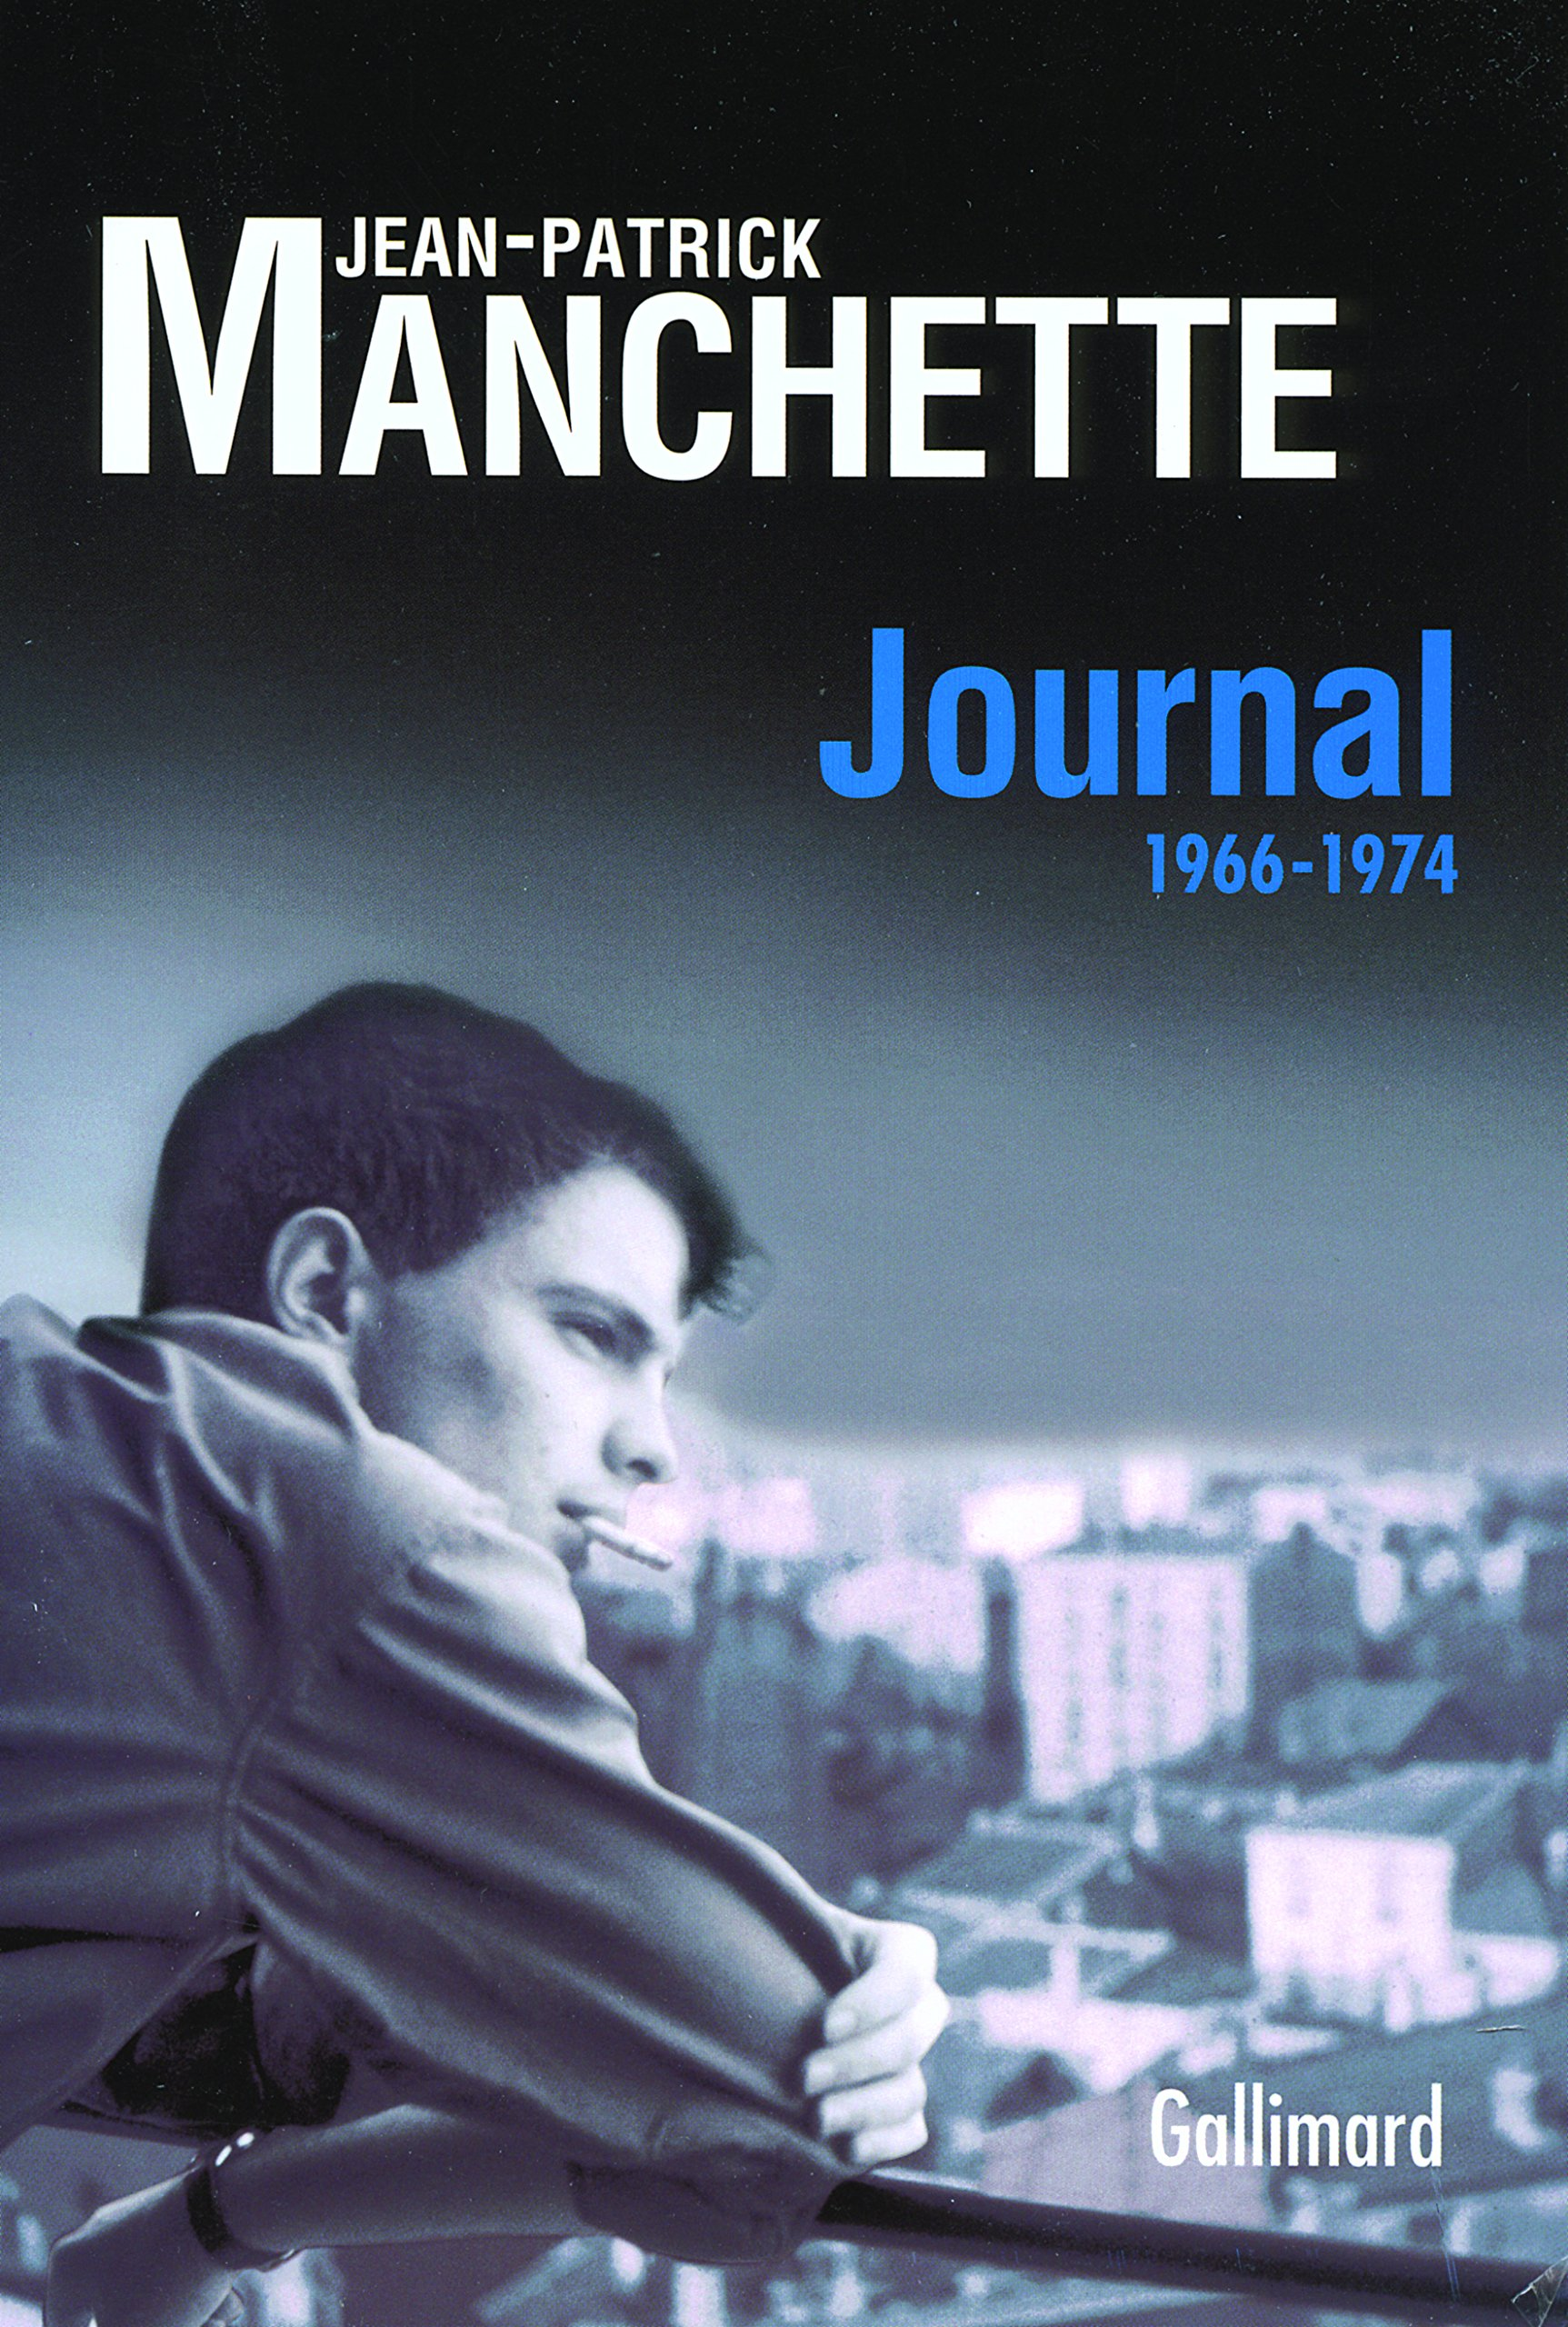 Libros marxistas, anarquistas, comunistas, etc, a recomendar - Página 4 9171sQrfNNL